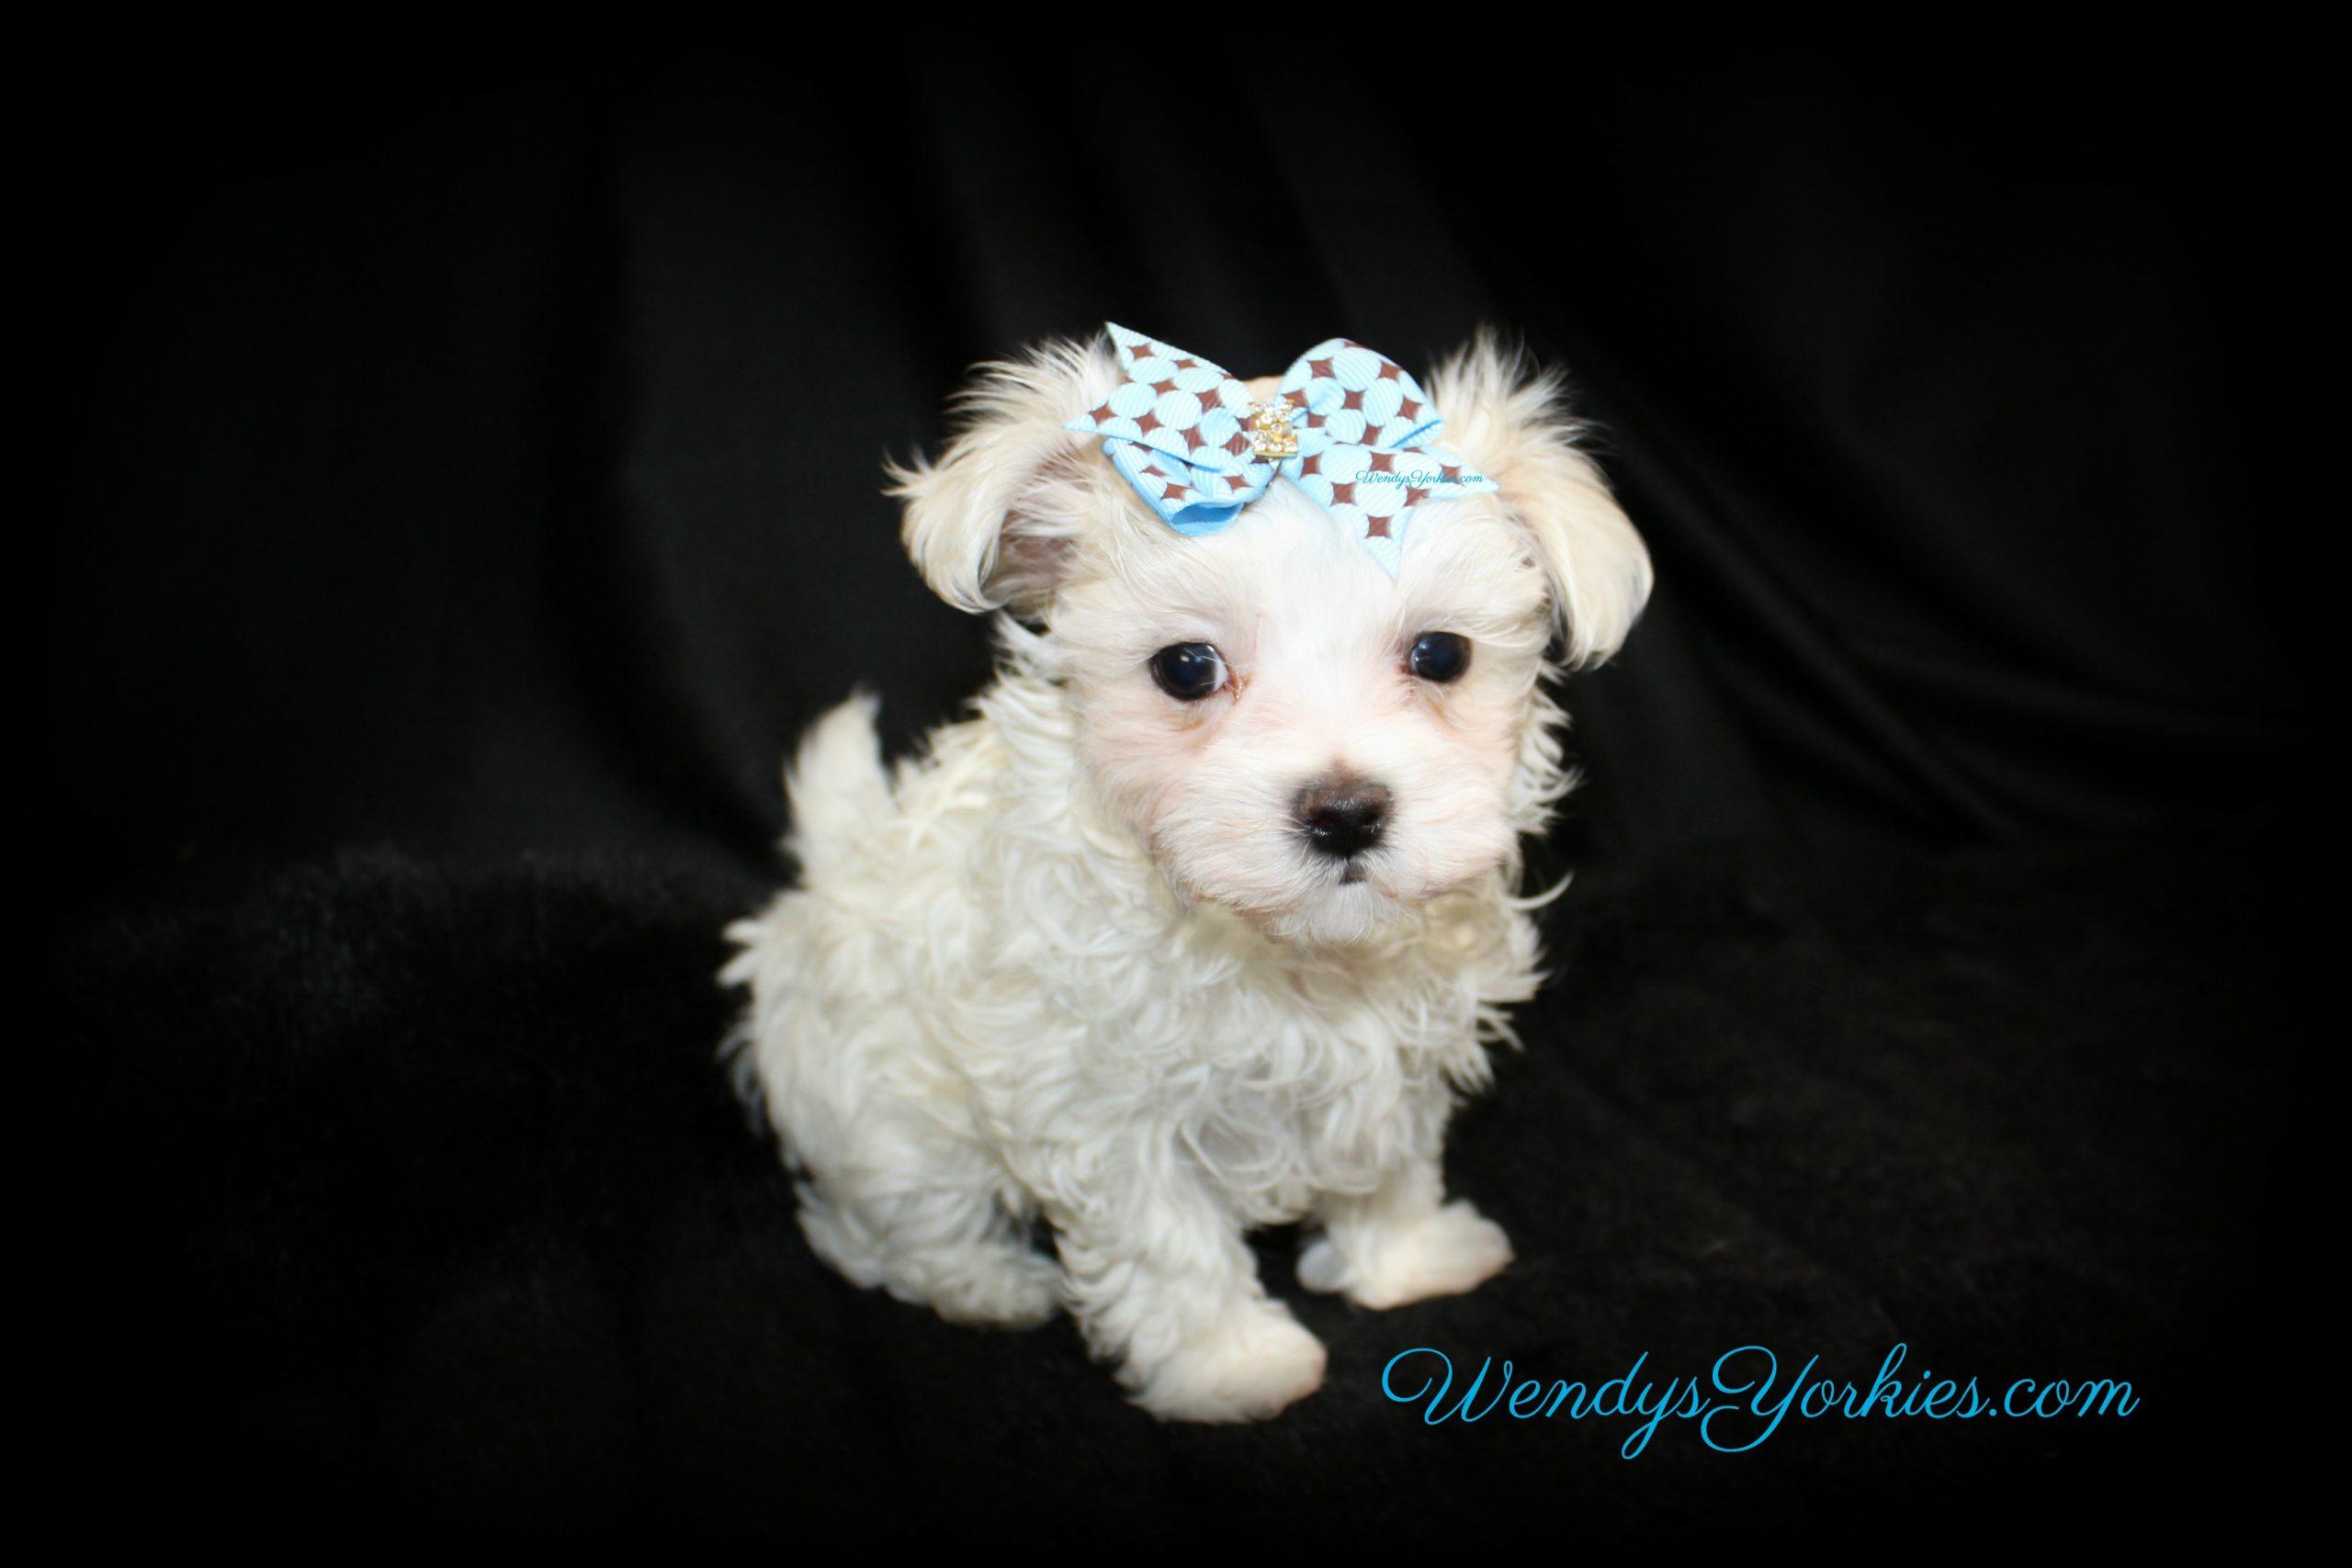 Maltese Puppy for sale, Male Maltese puppy for sale in Texas, WendysYorkies.com